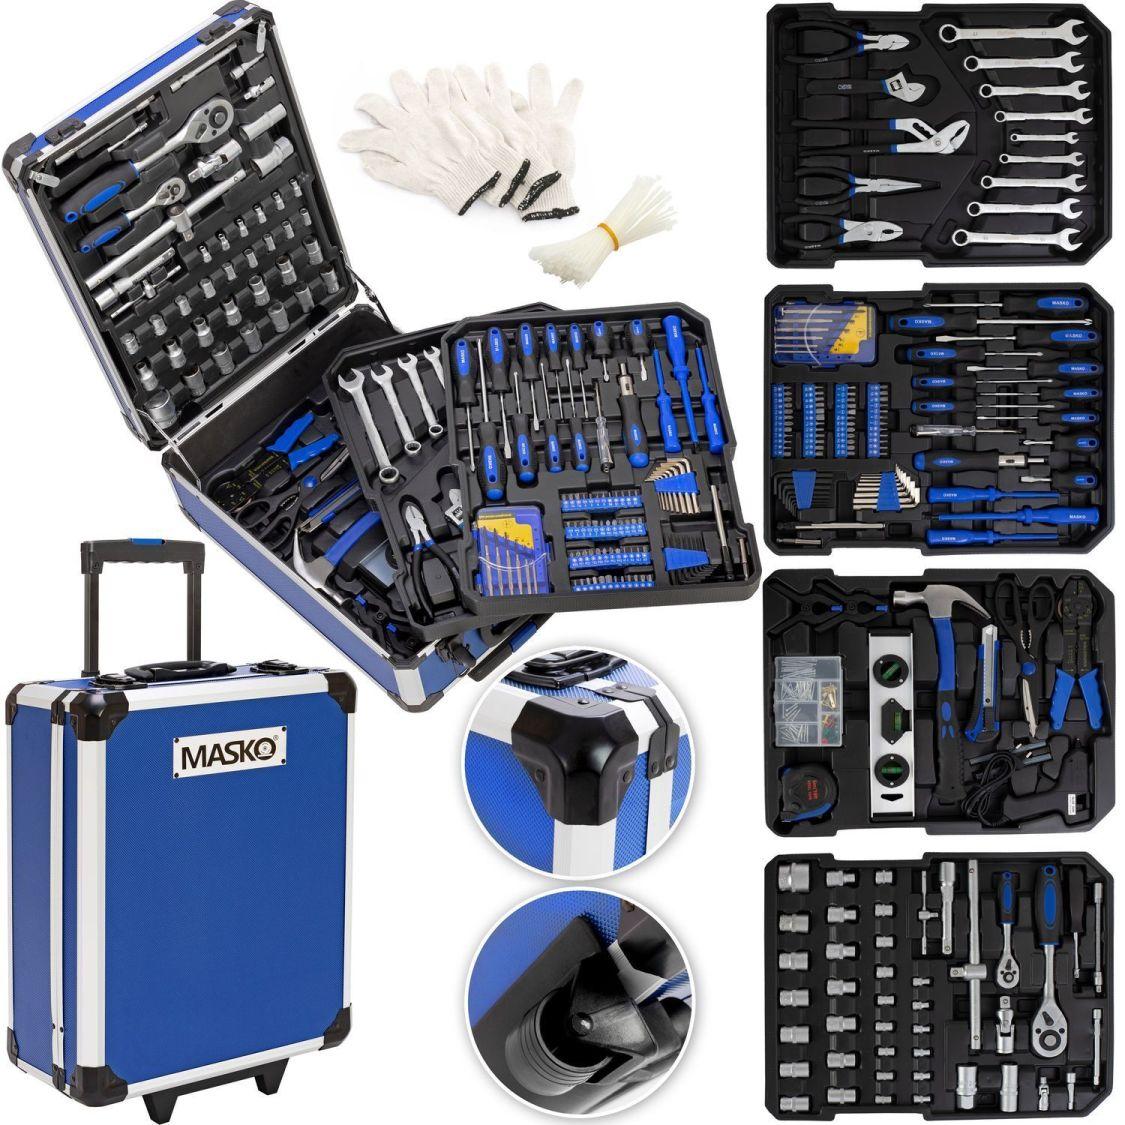 Masko® 949tlg Werkzeugkoffer Werkzeugkasten Werkzeugkiste Werkzeug Trolley